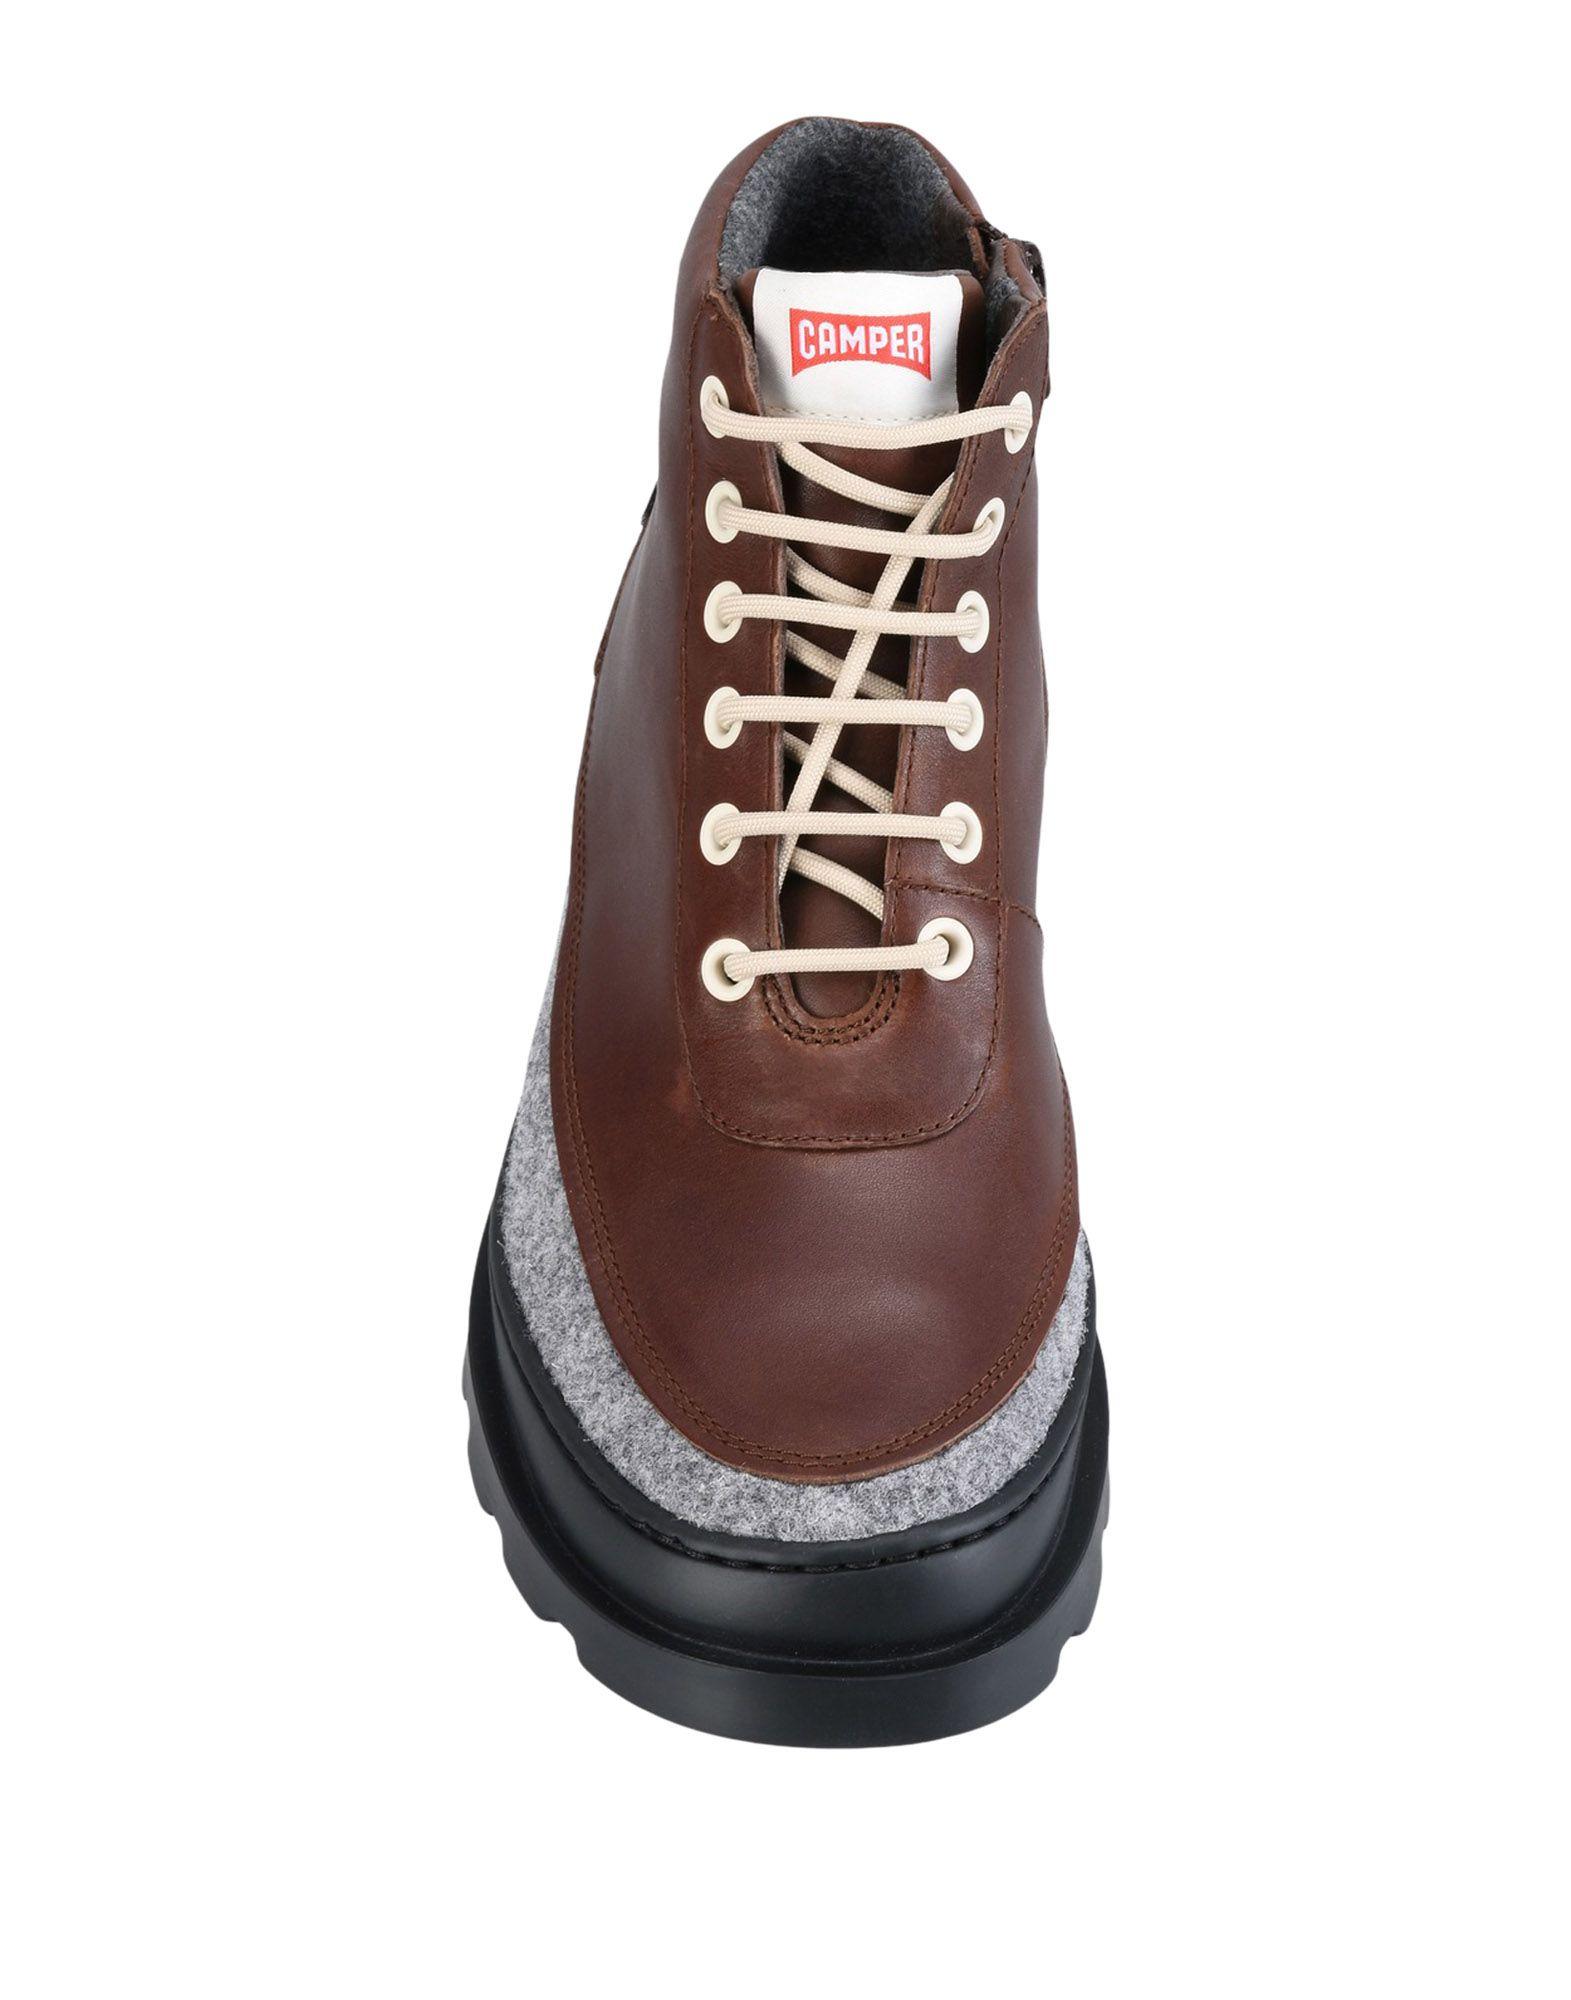 Stilvolle billige Schuhe Camper Stiefelette Damen  11356167MH